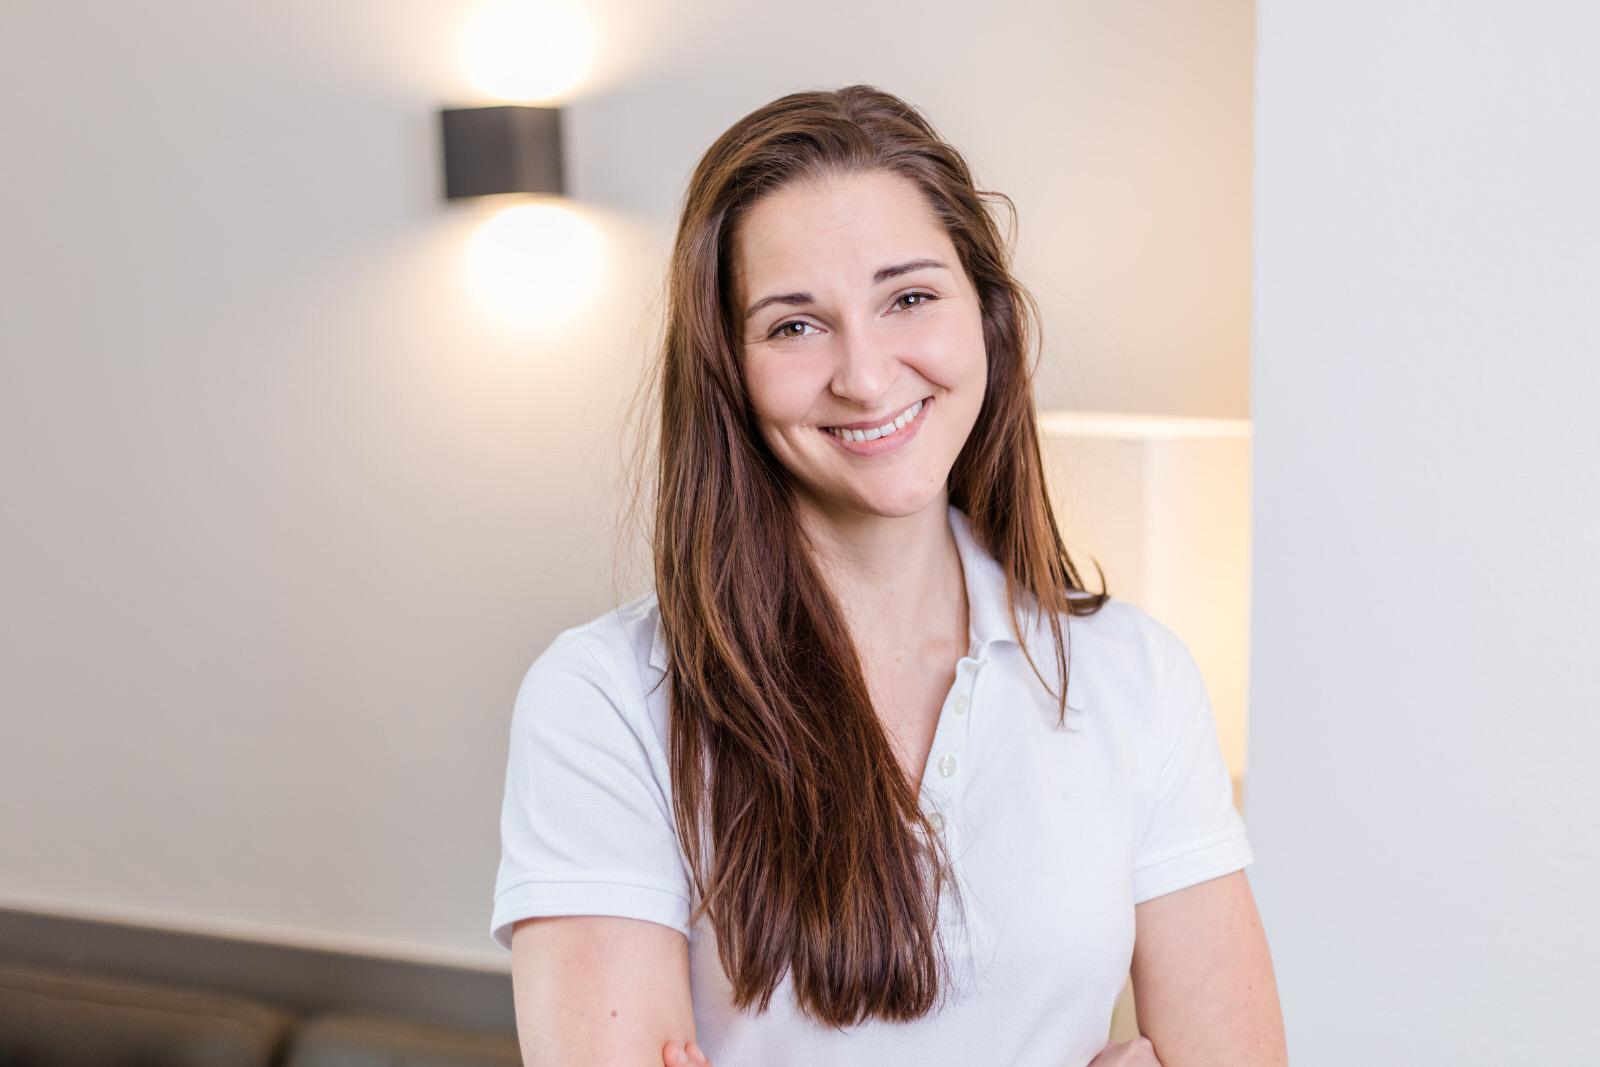 Dr. Magdalena Mayr